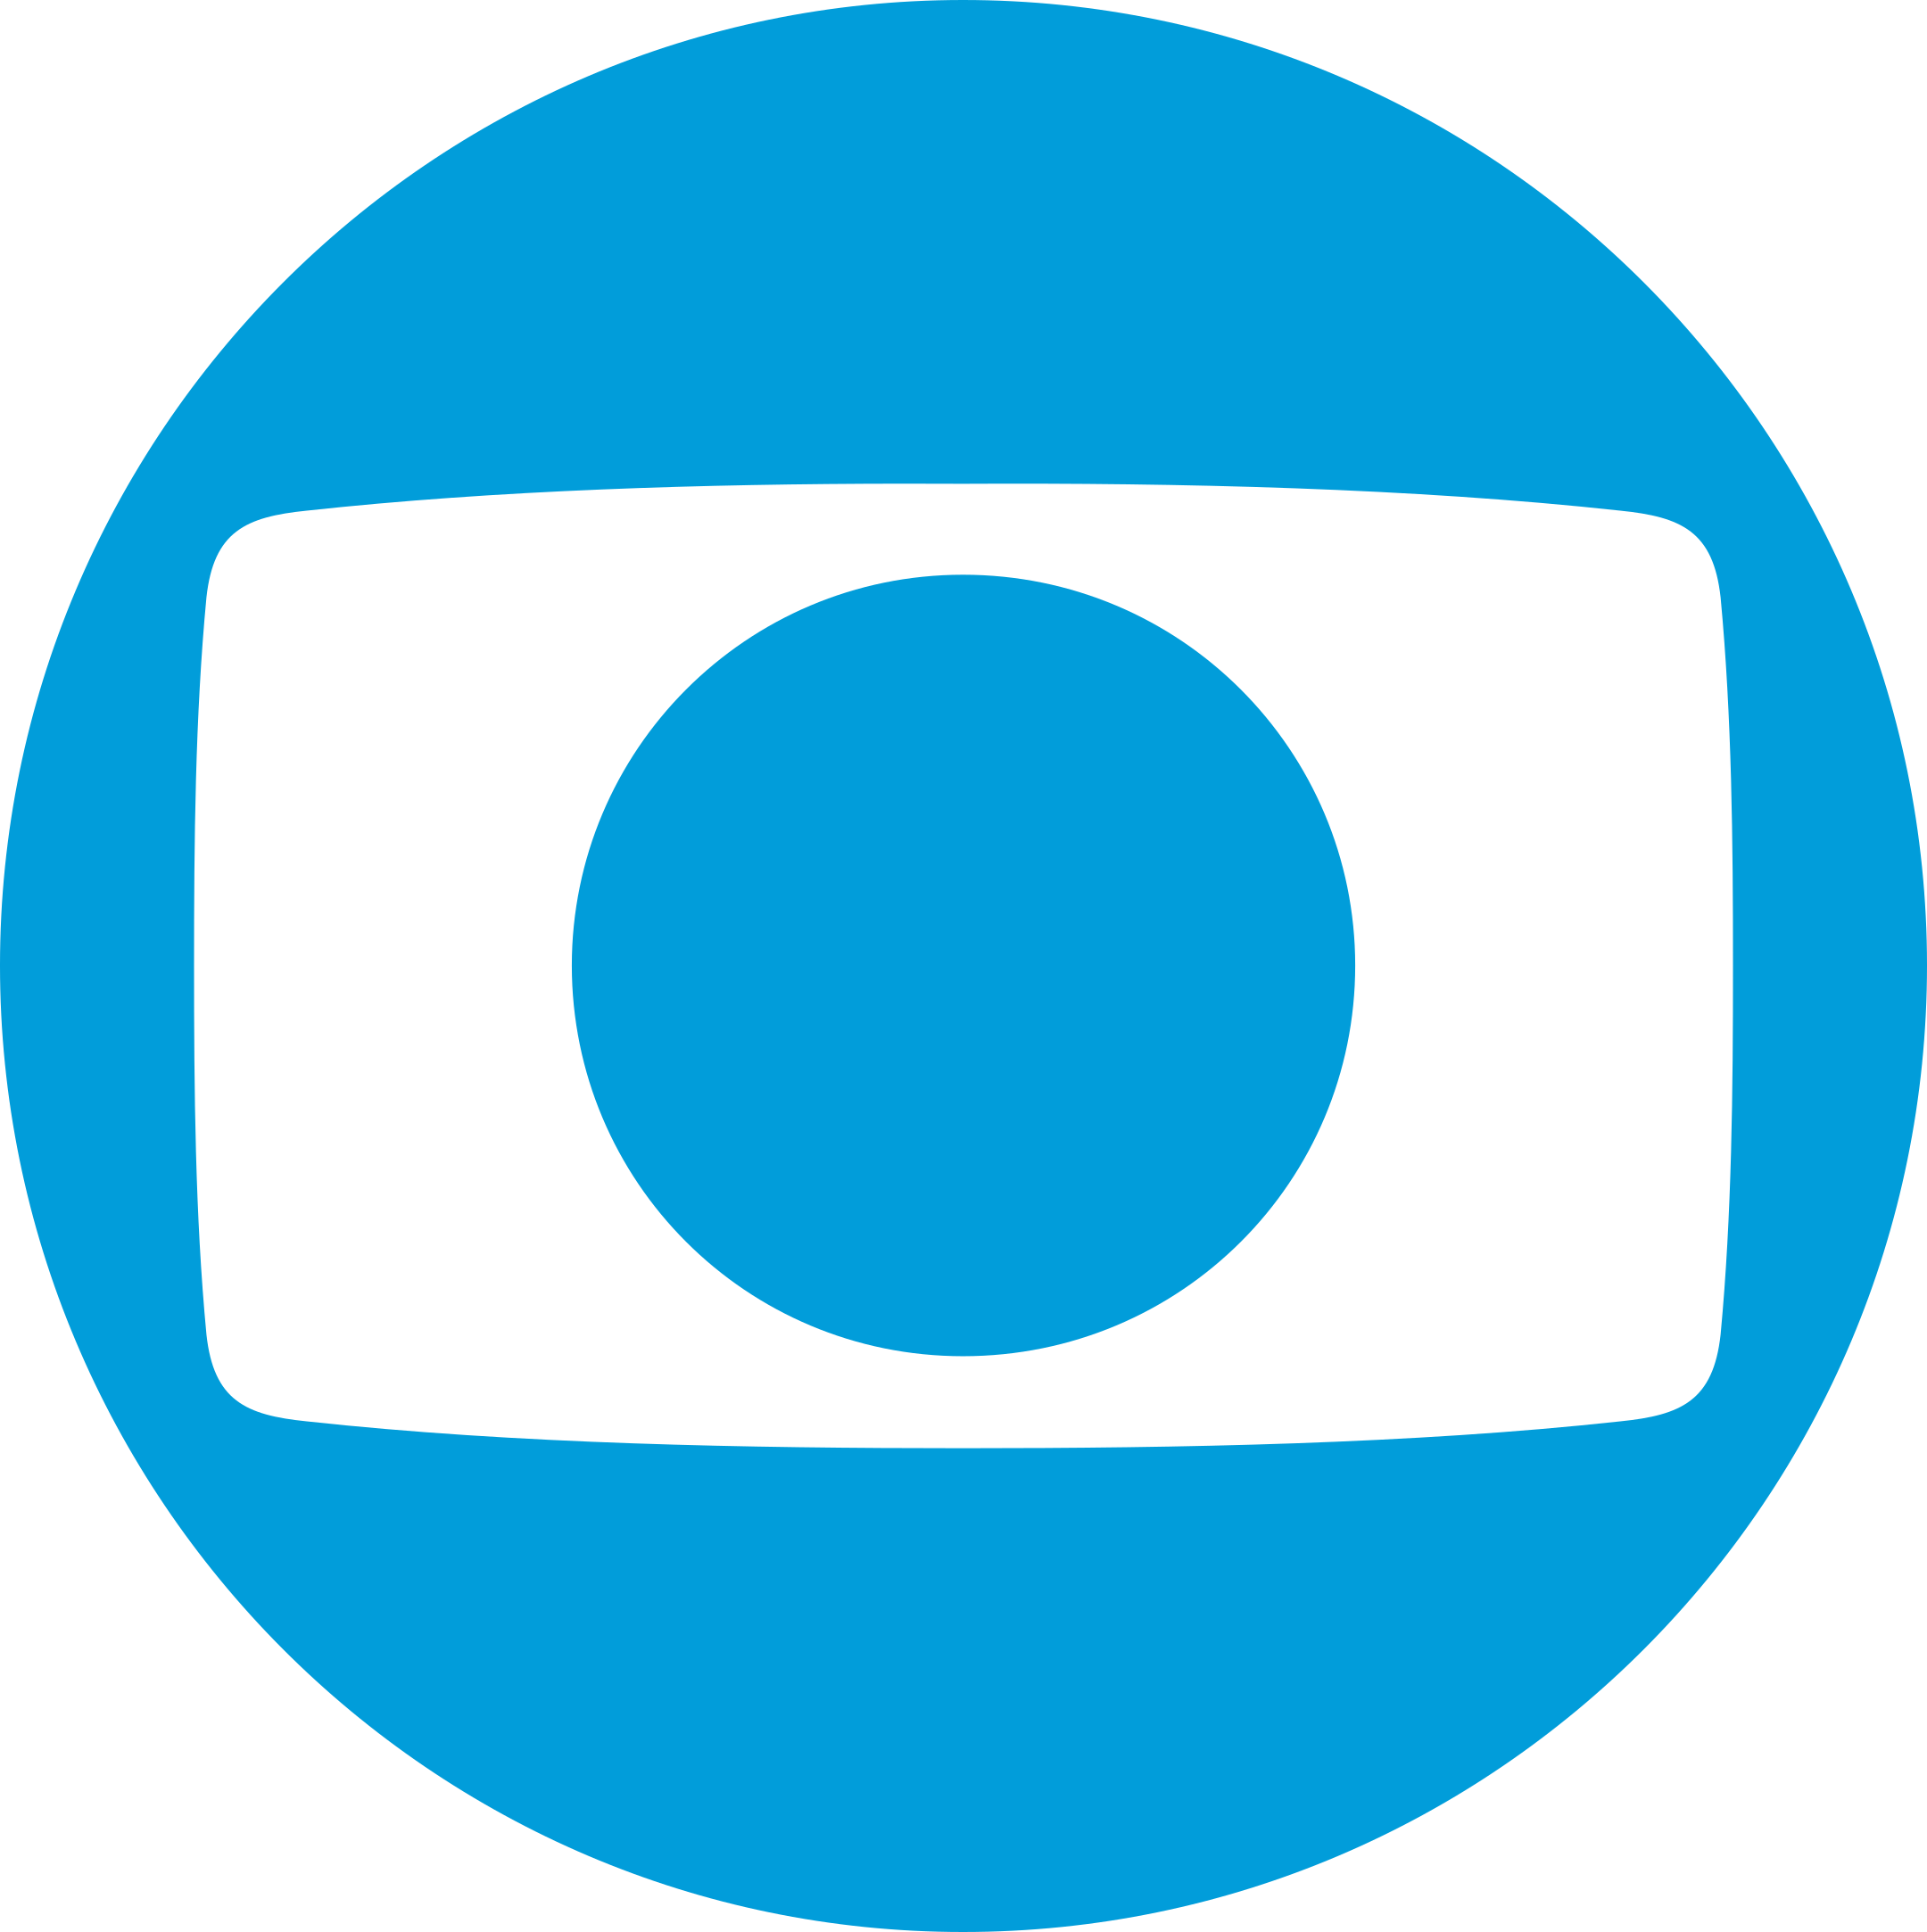 Rede Globo Logo azul.